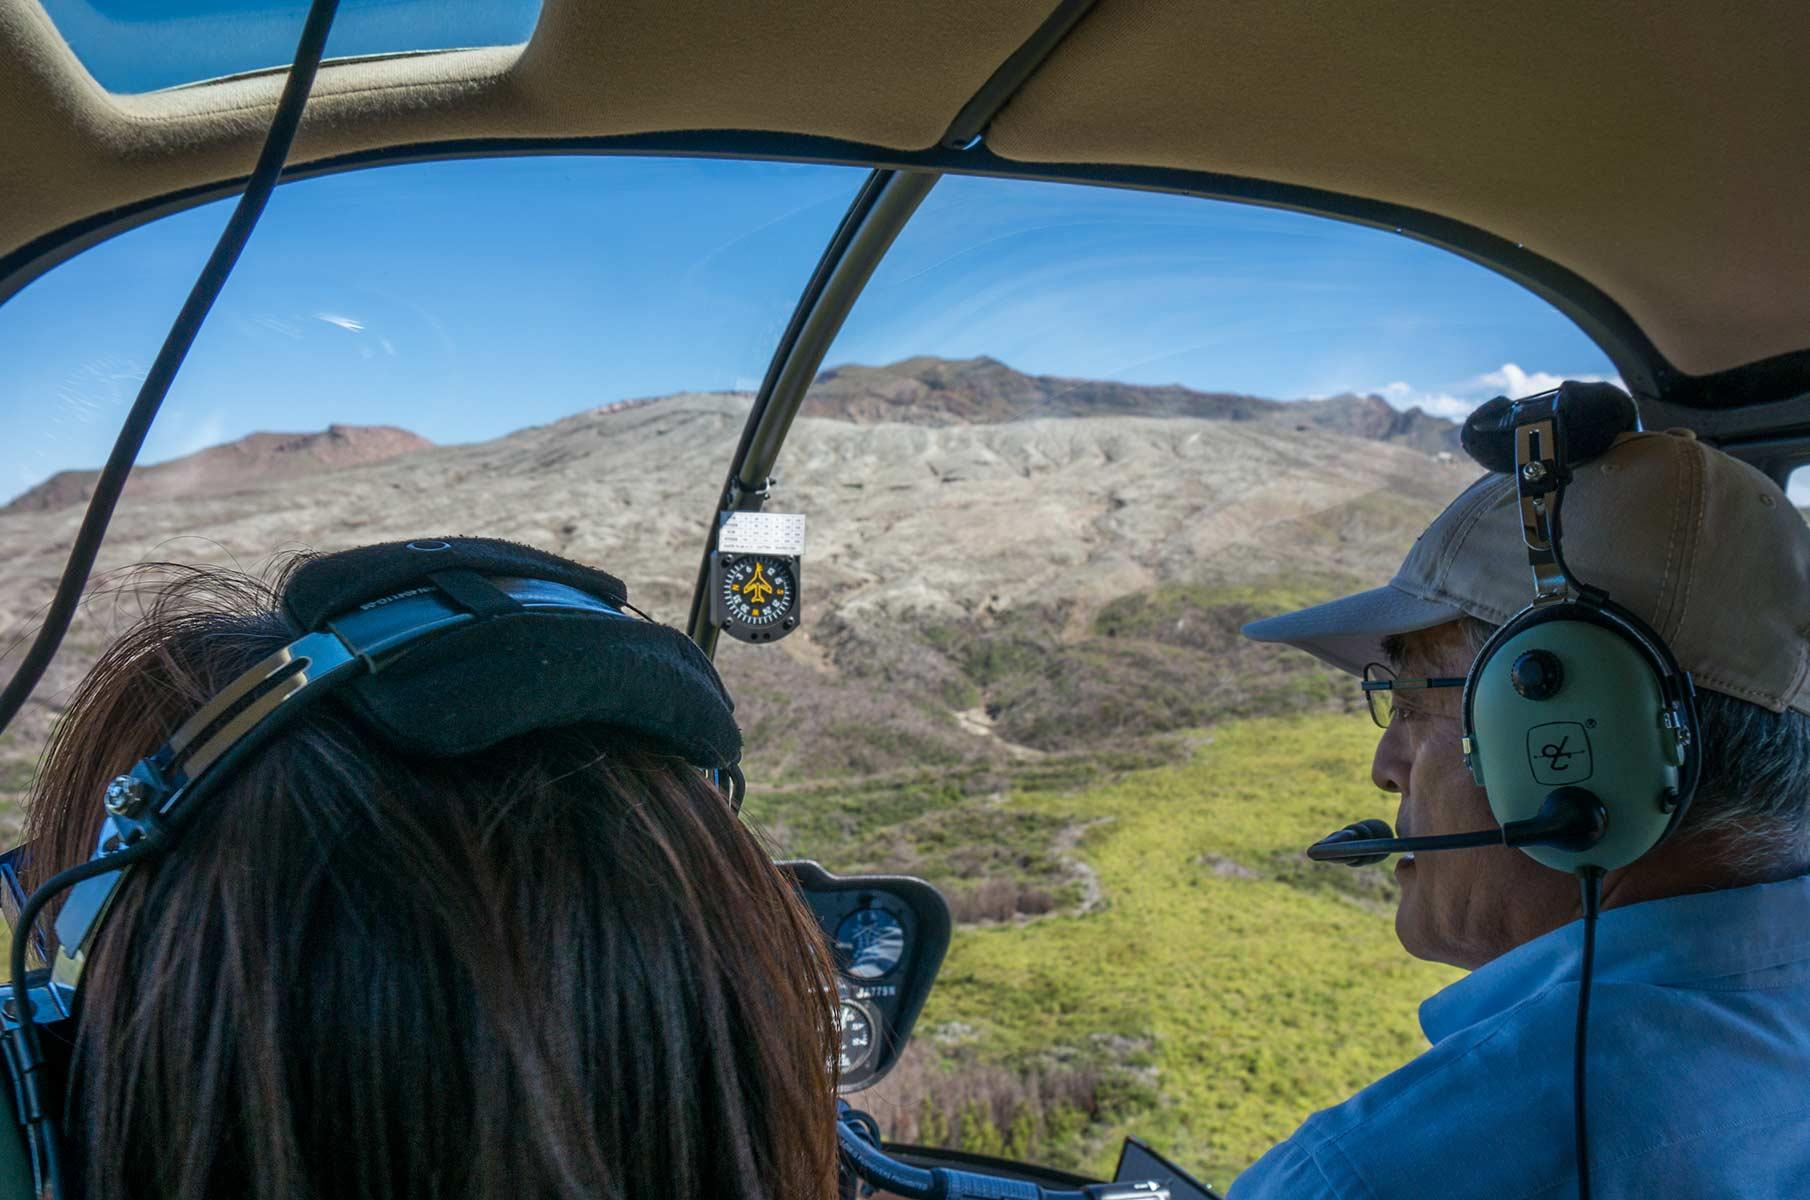 Robinson R44 Raven II Hubschrauberflug Mt. Aso Gras- und Vulkanlandschaft, Japan